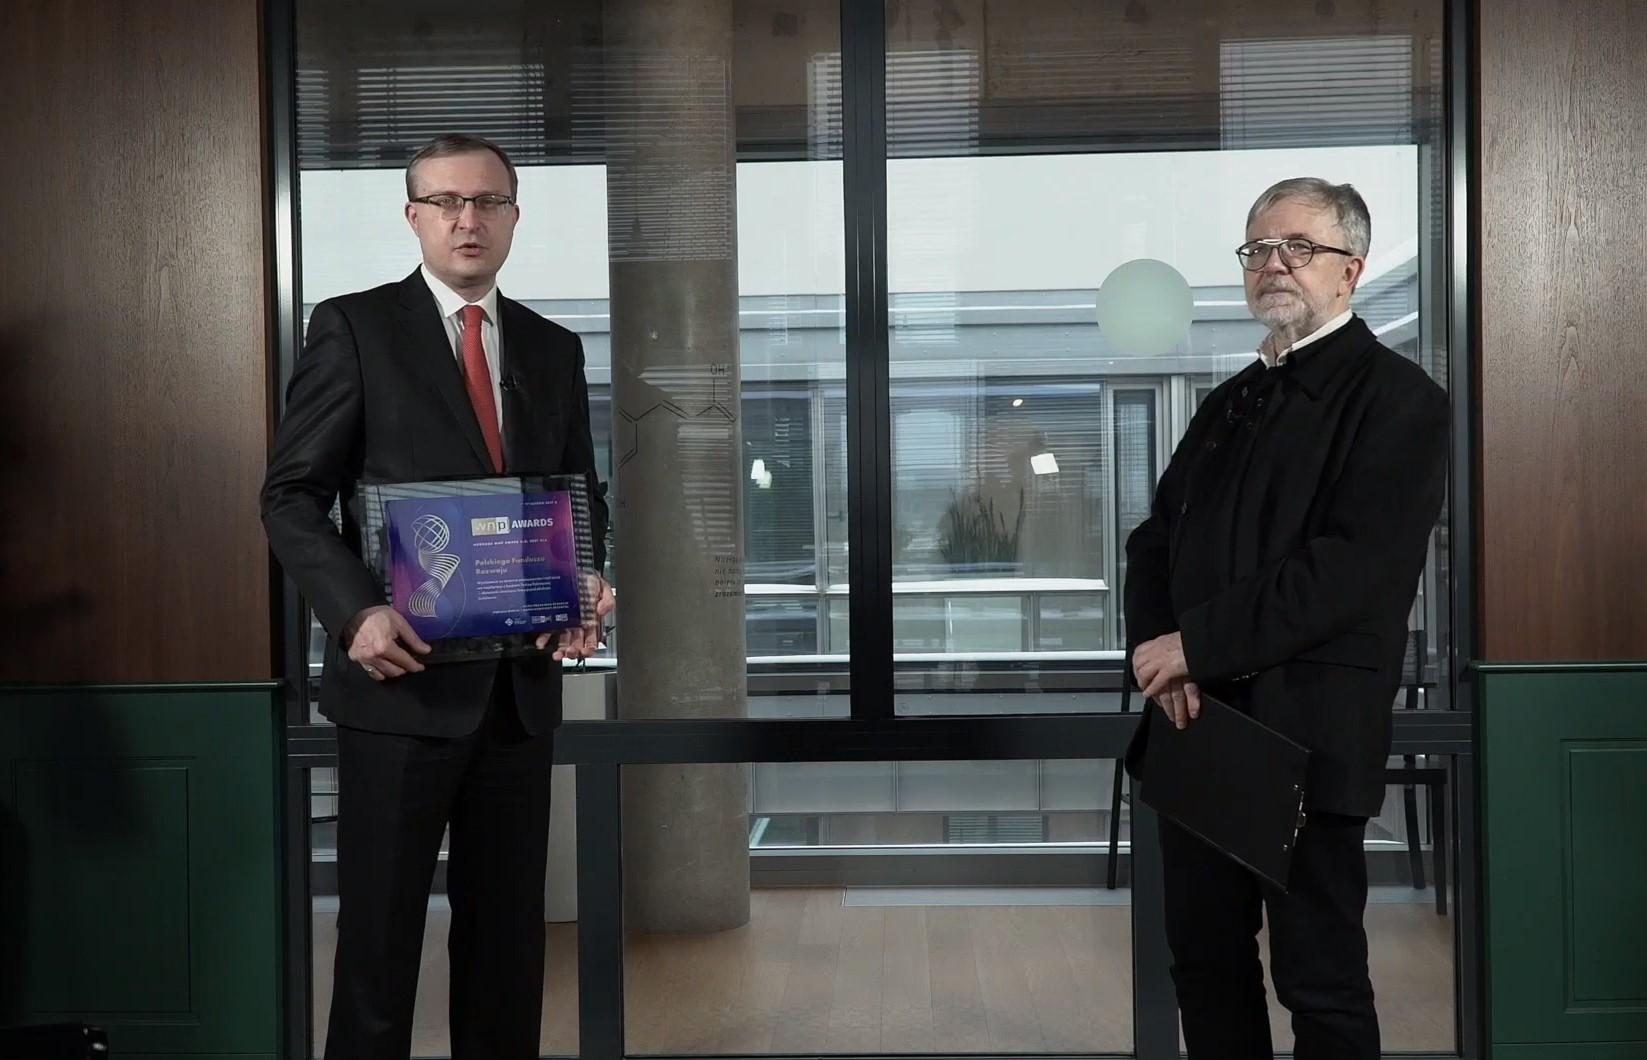 Prezesowi Polskiego Funduszu Rozwoju Pawłowi Borysowi nagrodę wręczył redaktor naczelny Nowego Przemysłu Jacek Ziarno.